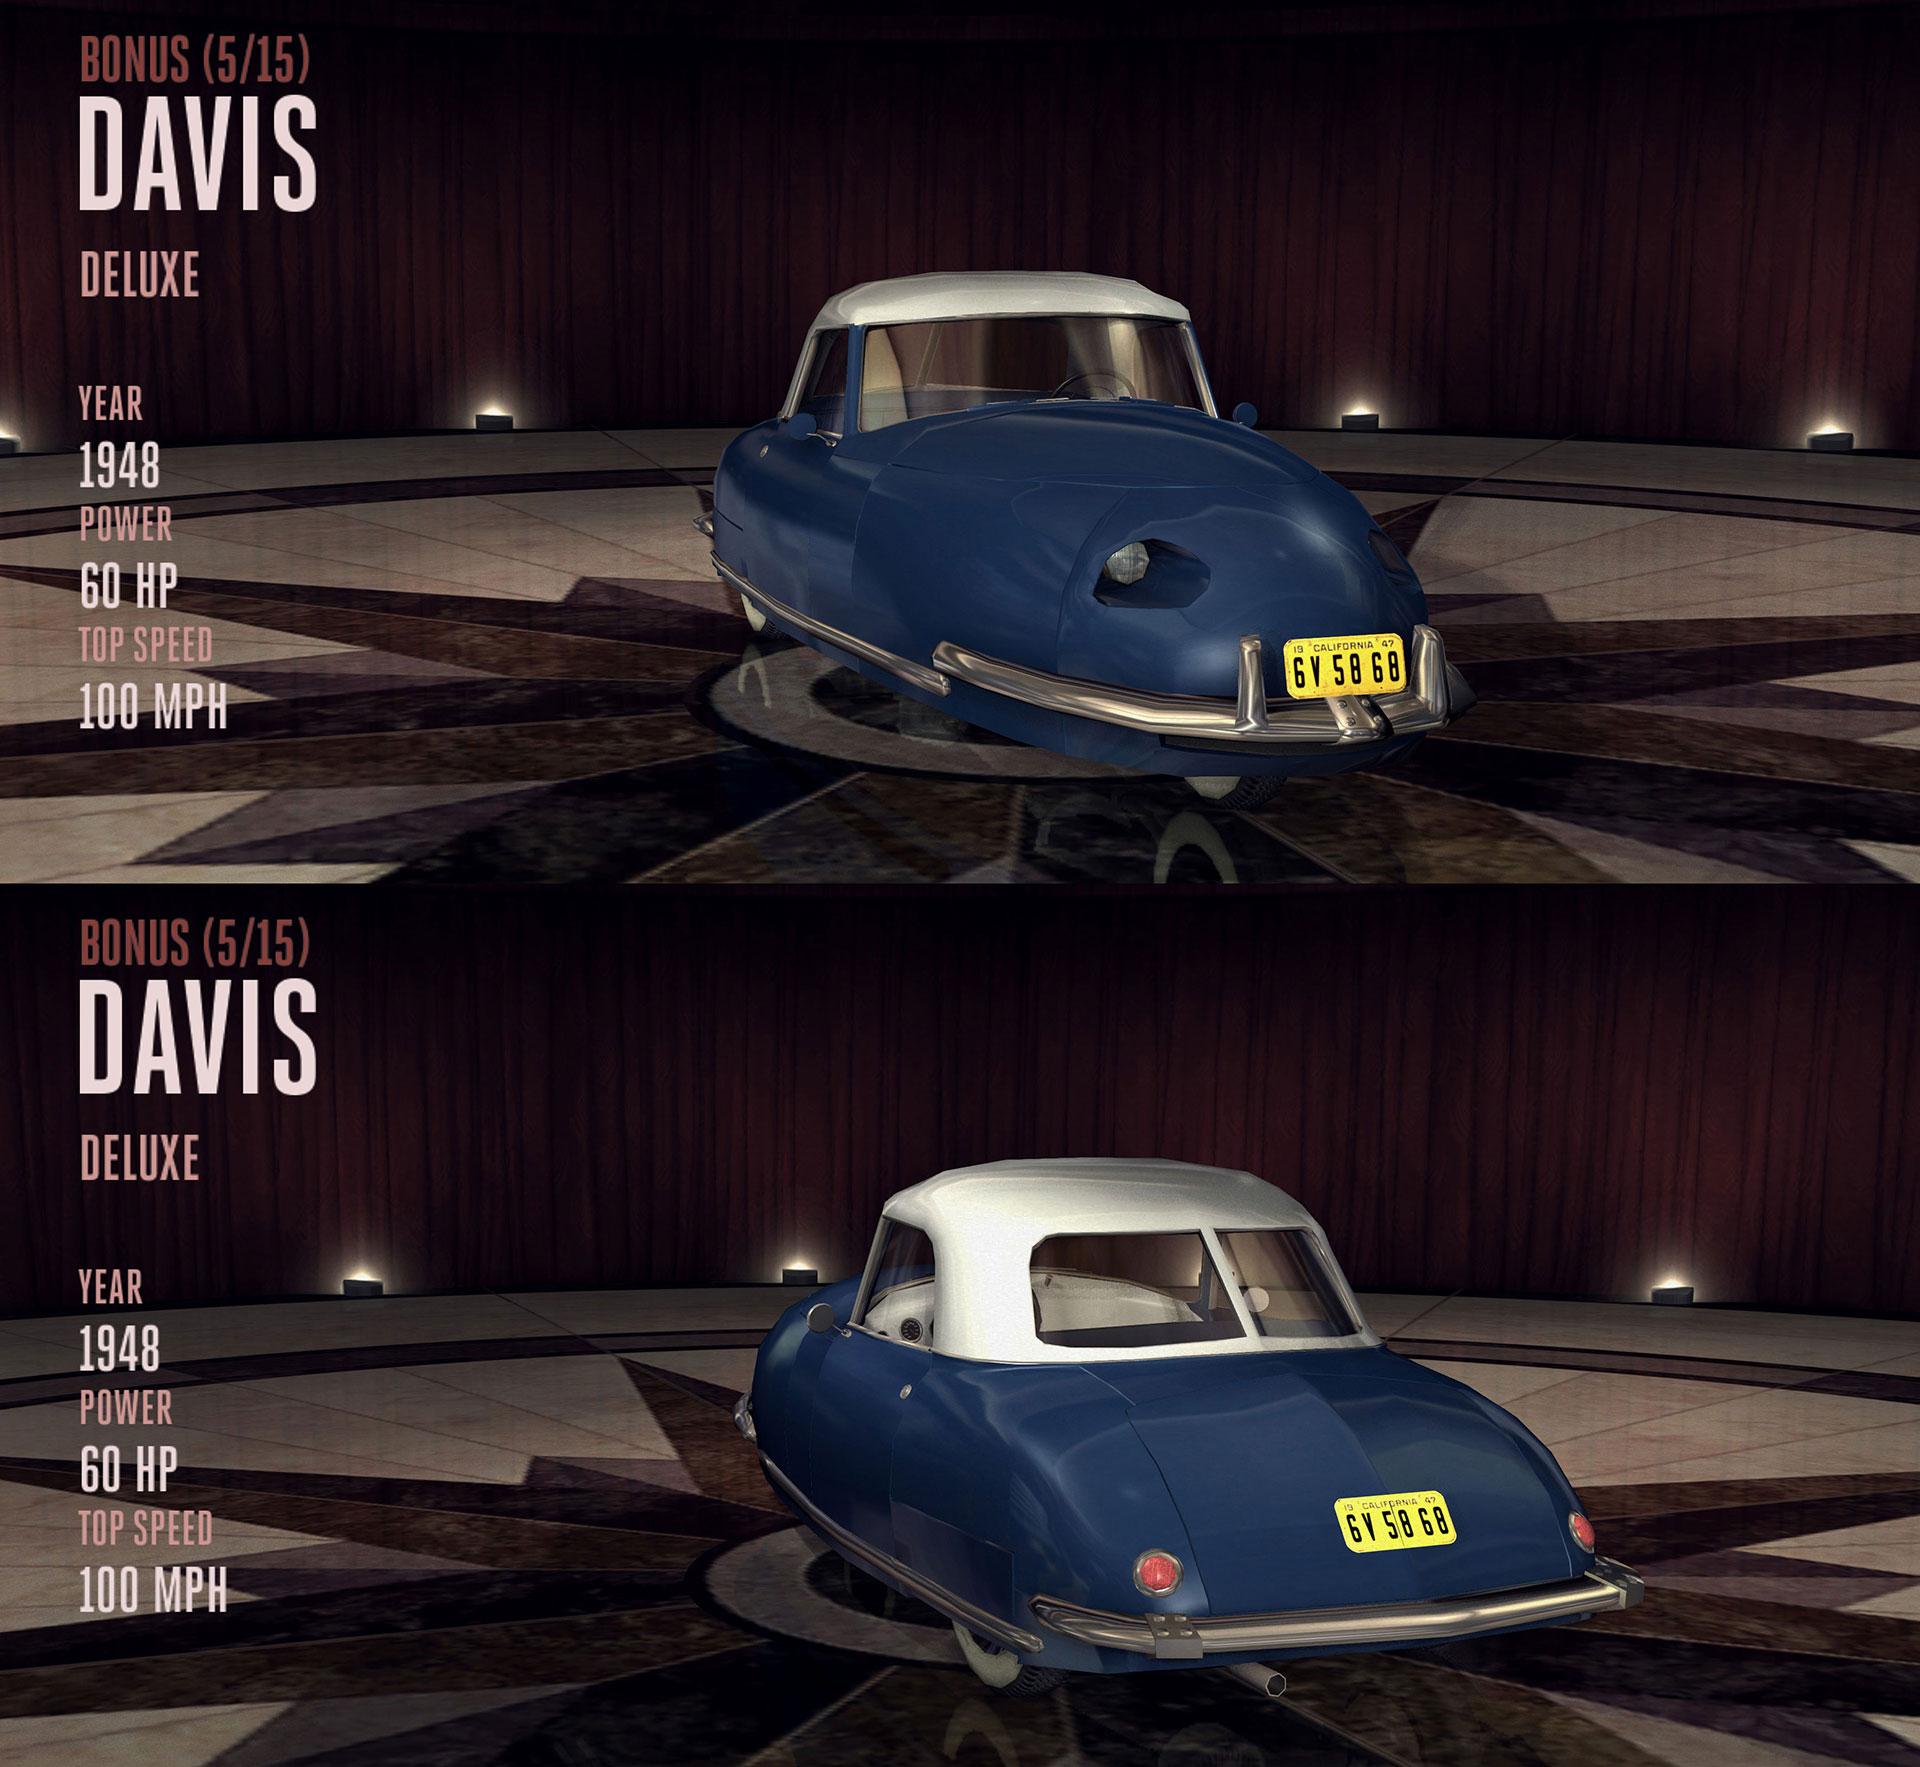 Archivo:1948-davis-deluxe.jpg